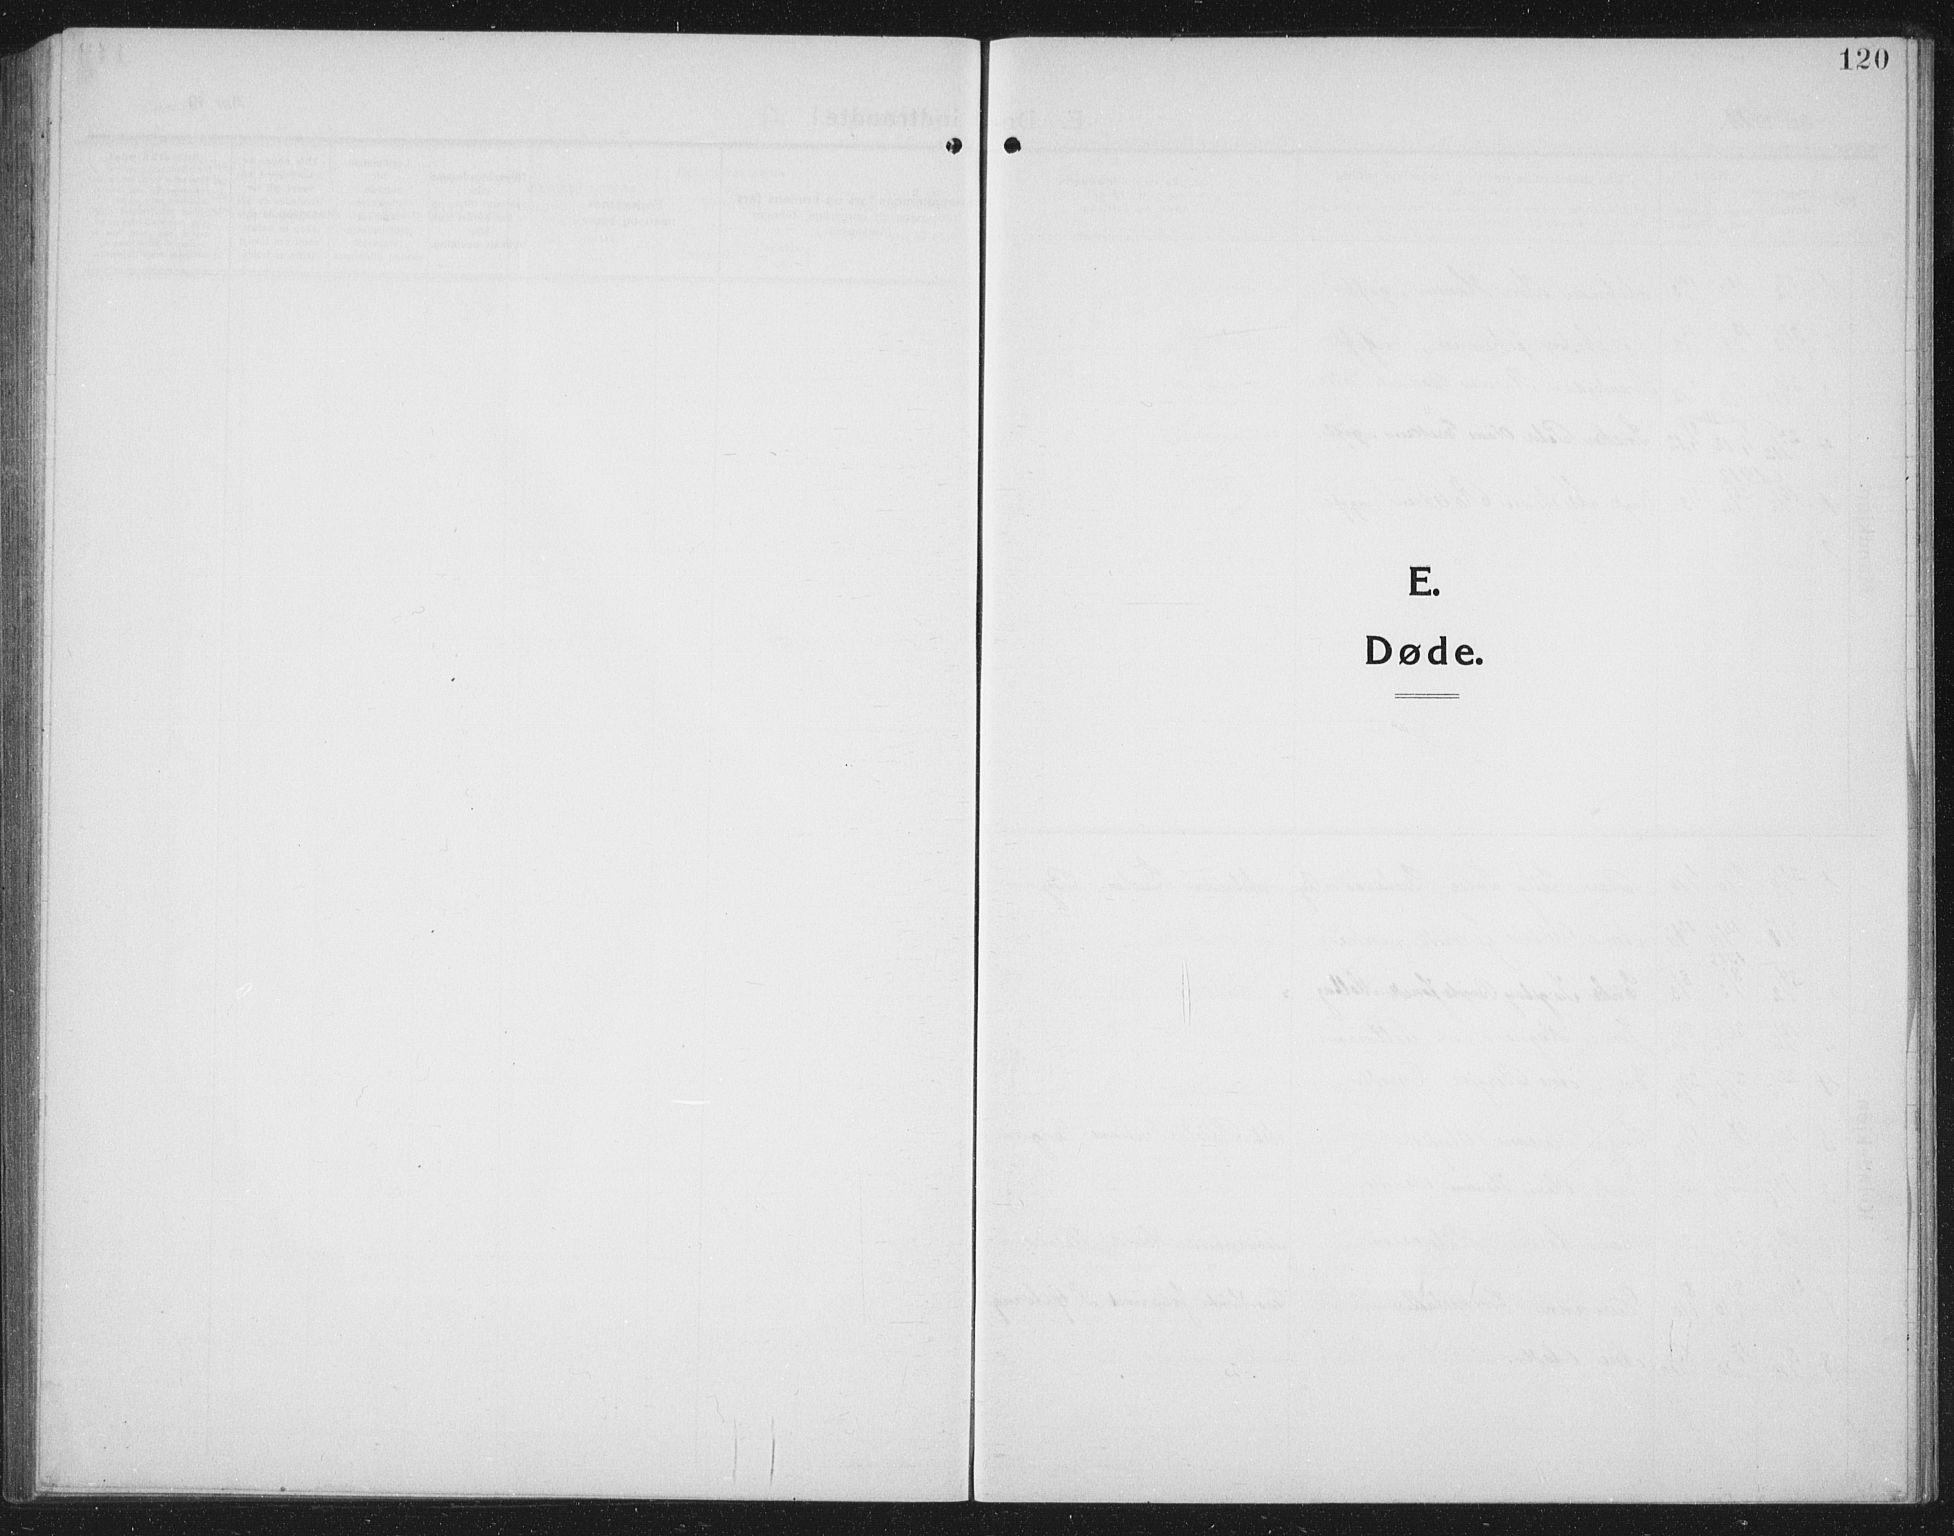 SAT, Ministerialprotokoller, klokkerbøker og fødselsregistre - Nord-Trøndelag, 731/L0312: Parish register (copy) no. 731C03, 1911-1935, p. 120